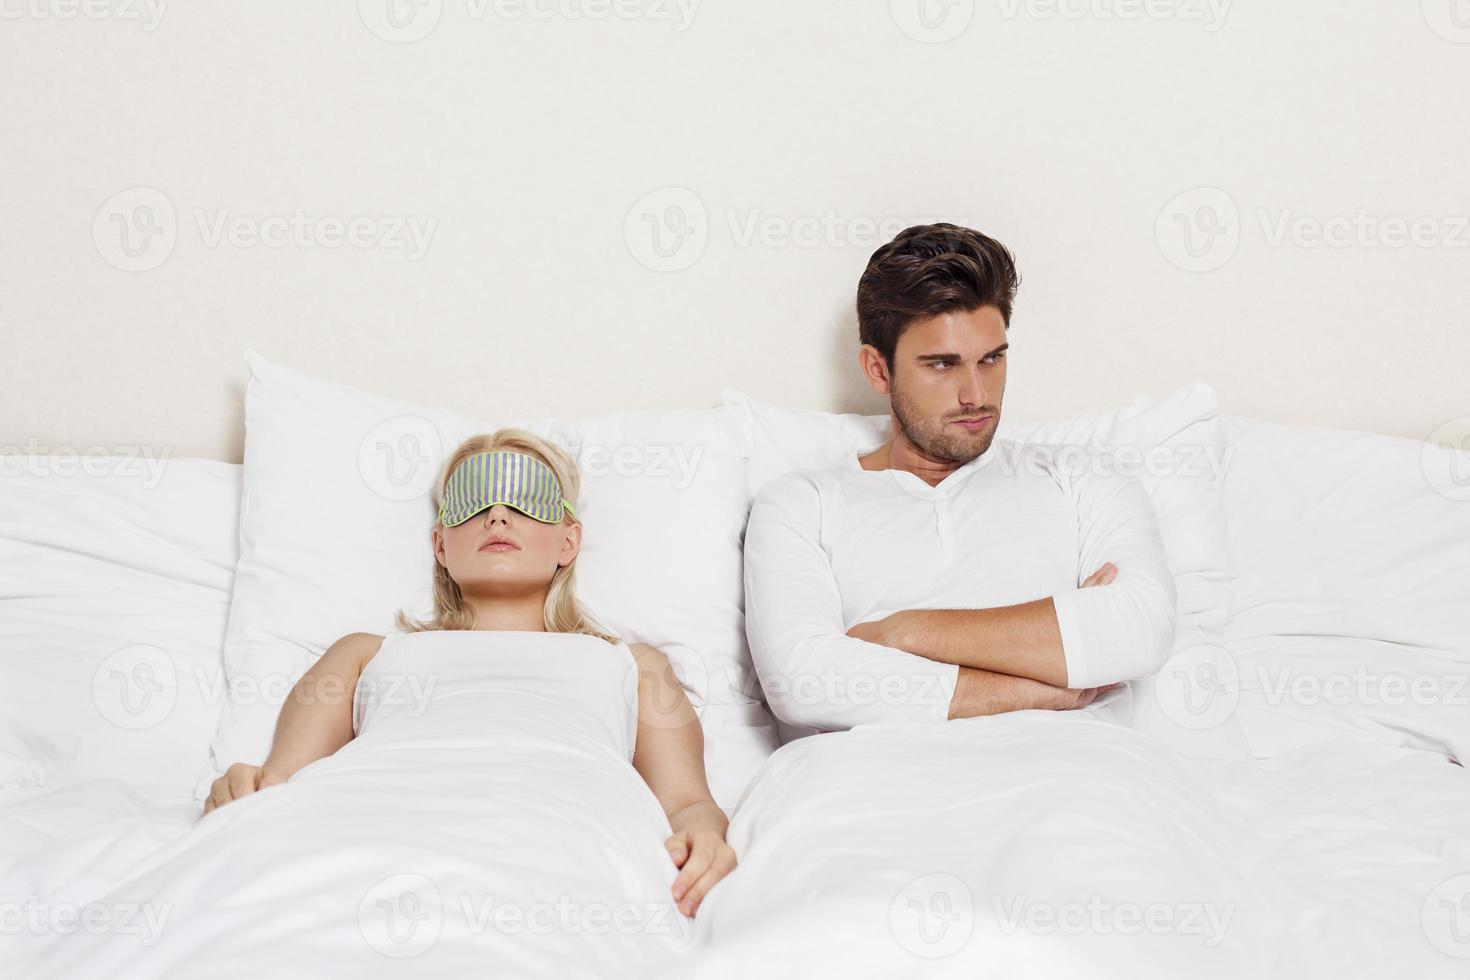 nella camera da letto foto